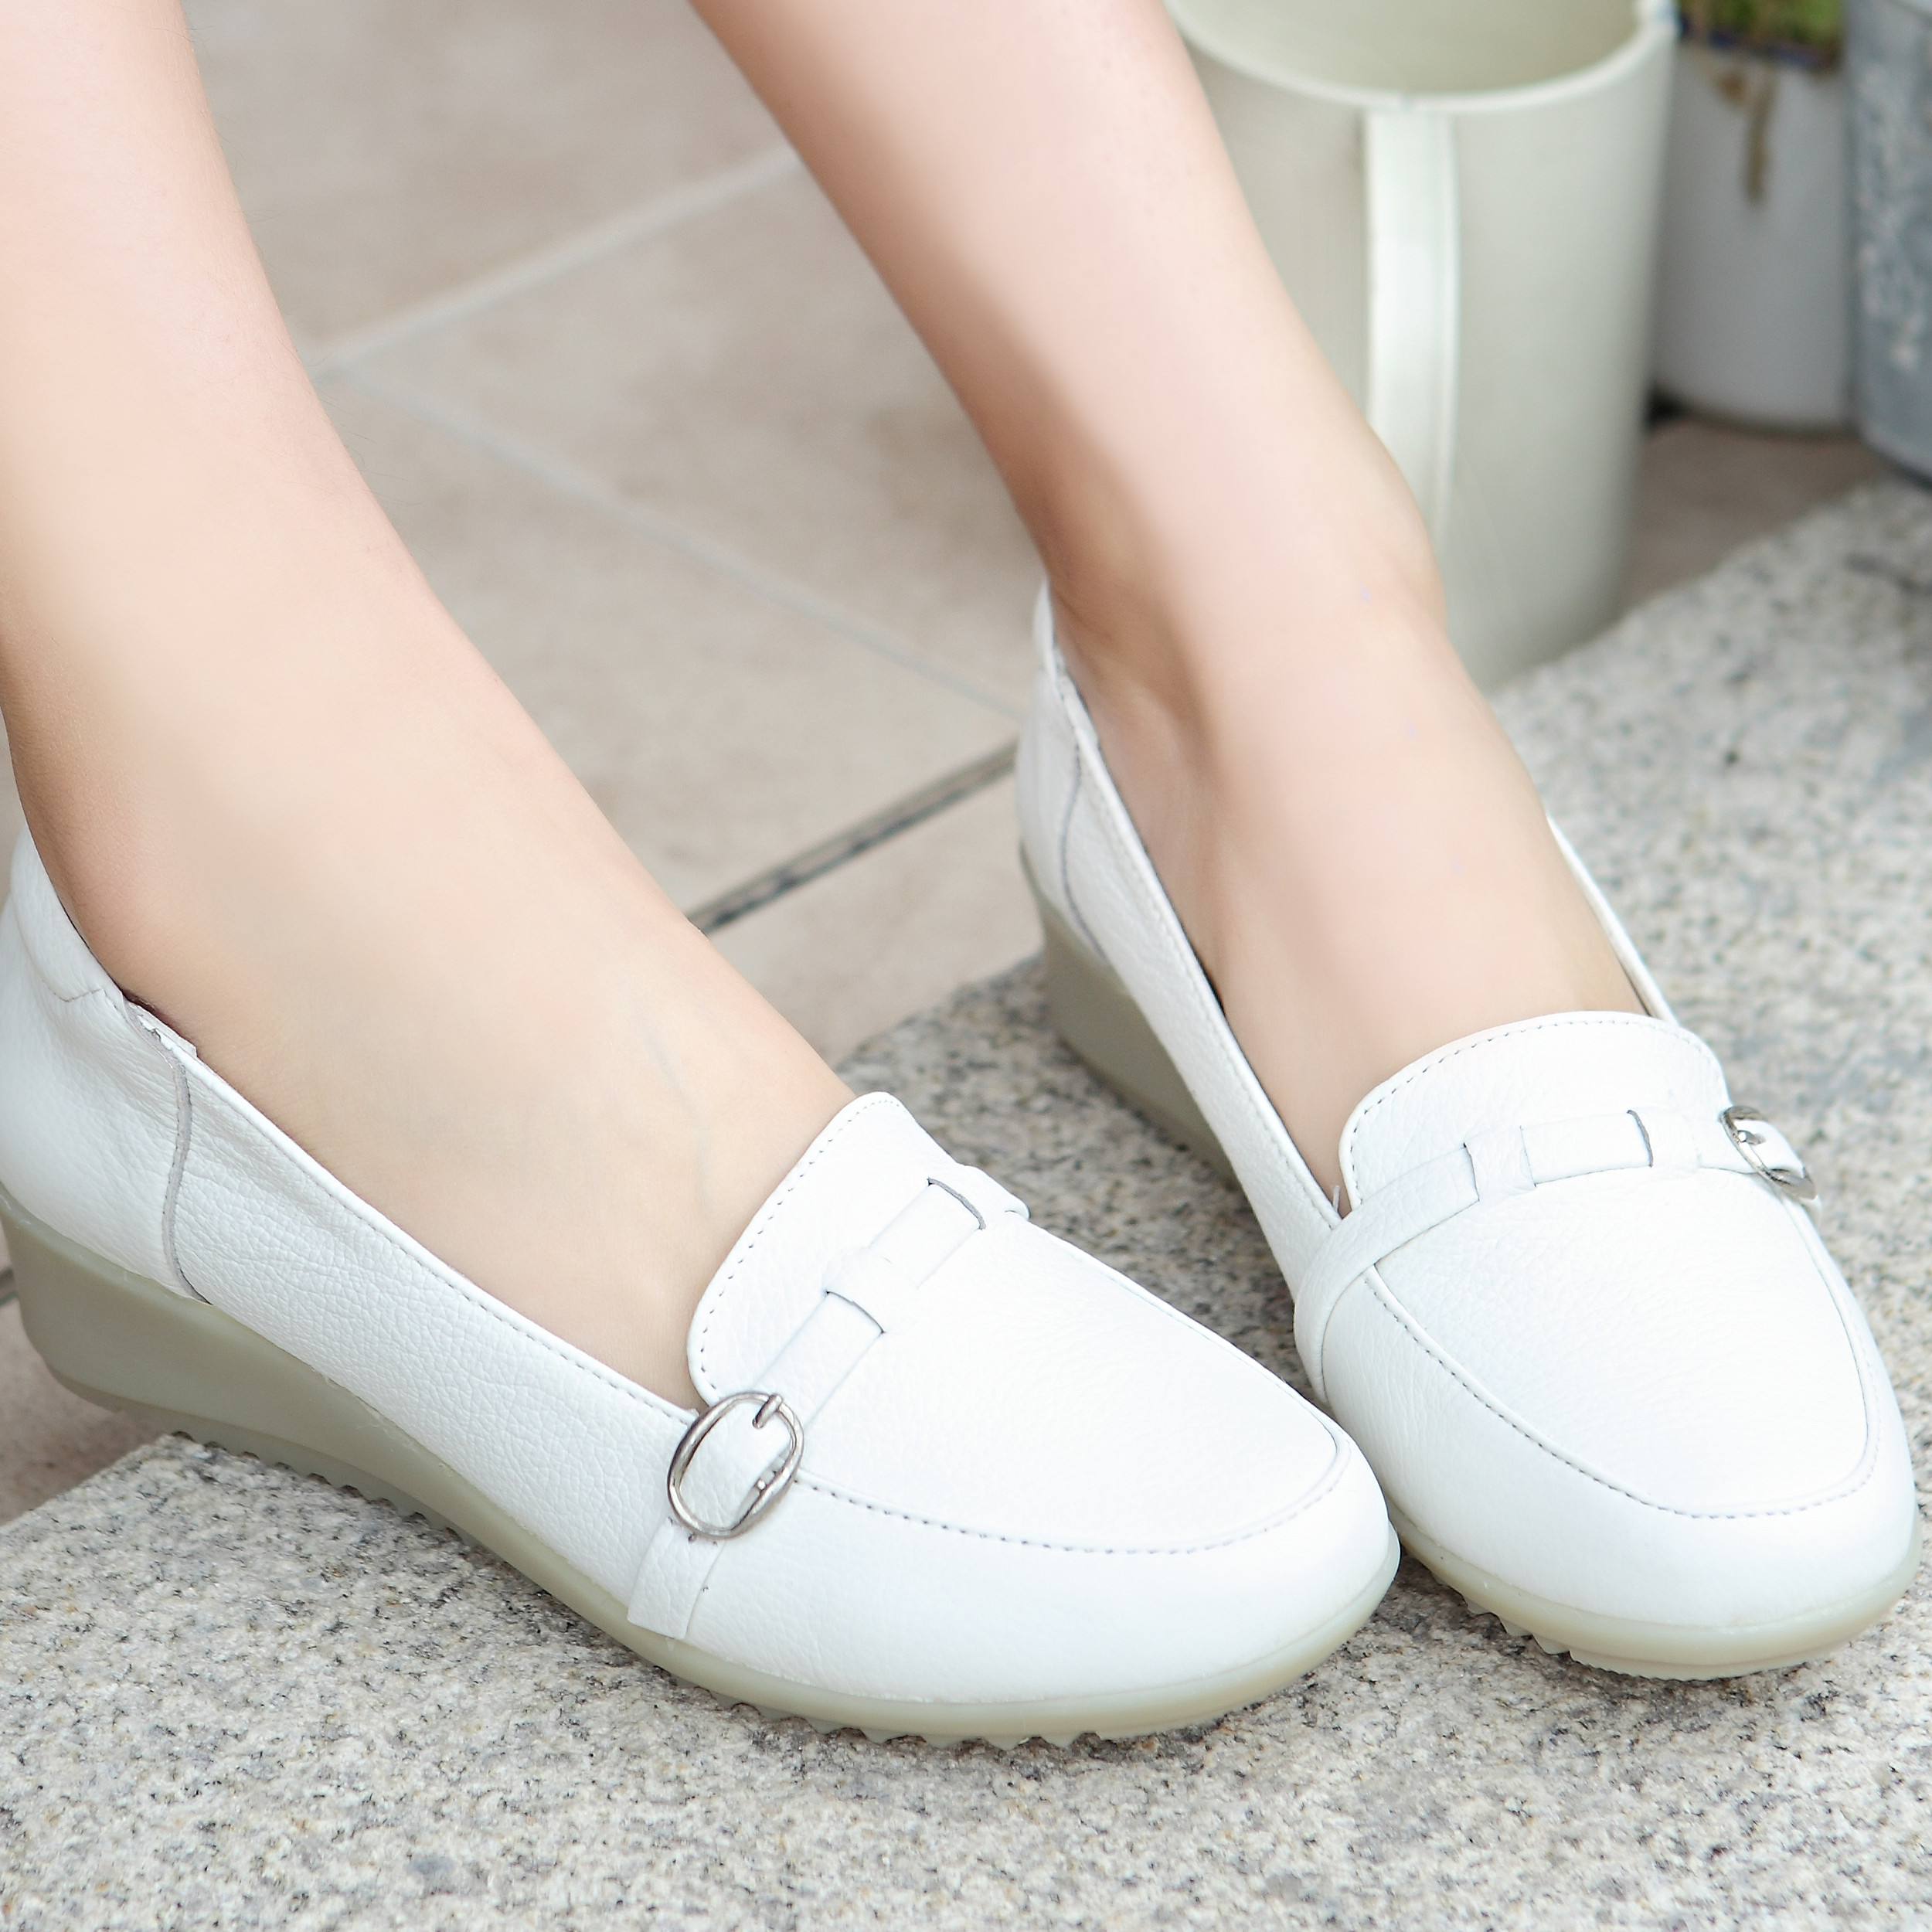 孕妇坡跟鞋 新款白色护士鞋真皮坡跟牛筋底休闲鞋女鞋单鞋大码妈妈鞋孕妇鞋_推荐淘宝好看的孕妇坡跟鞋